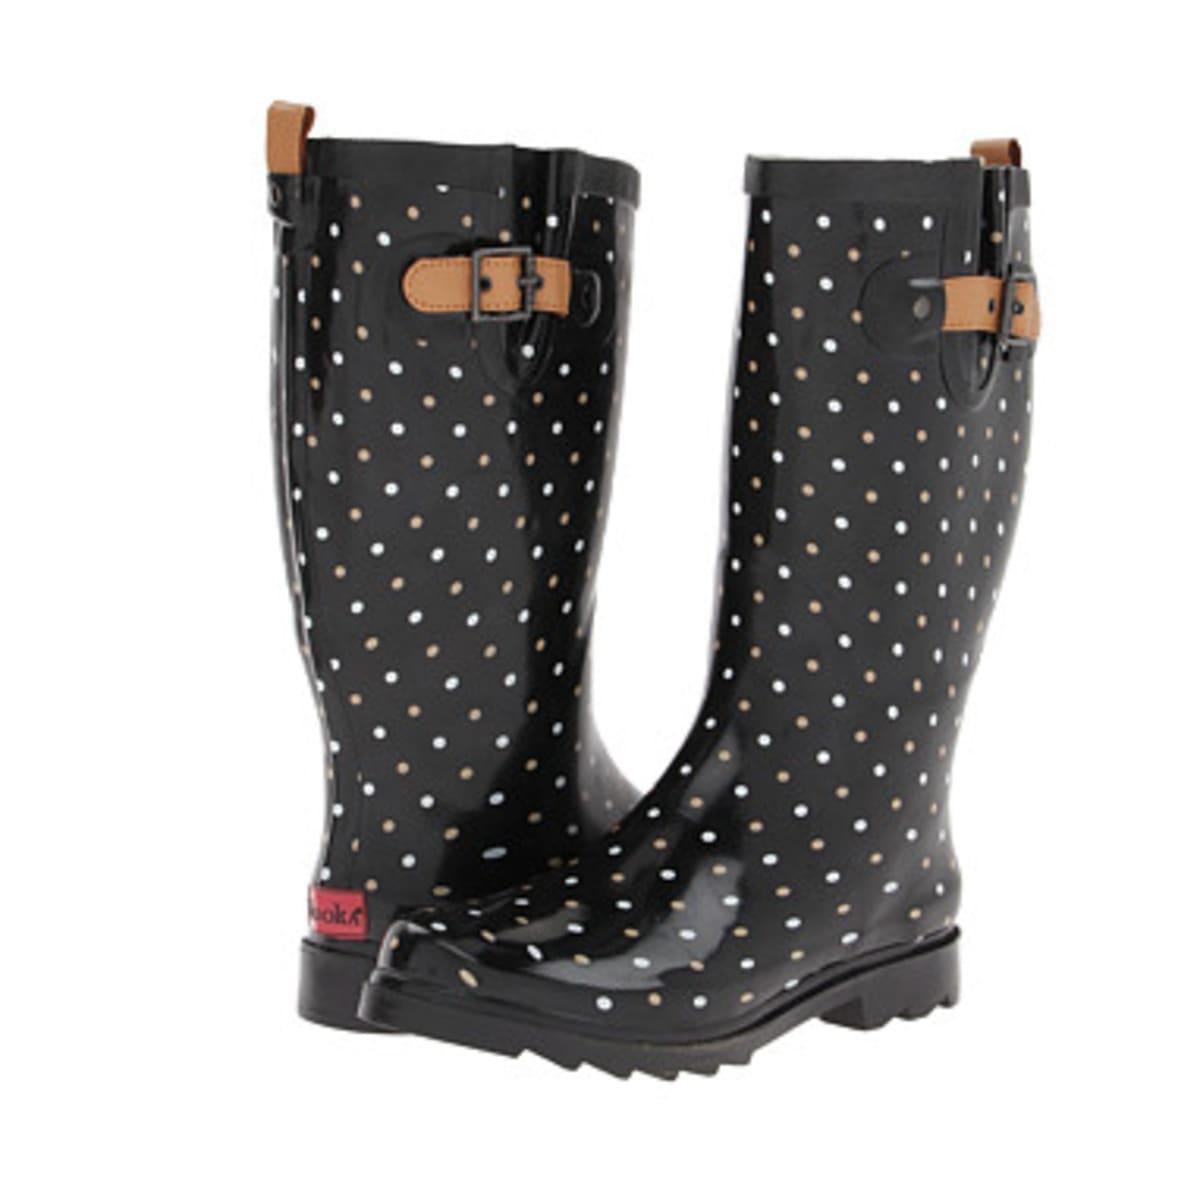 Chooka rain boot, classic dot, $70